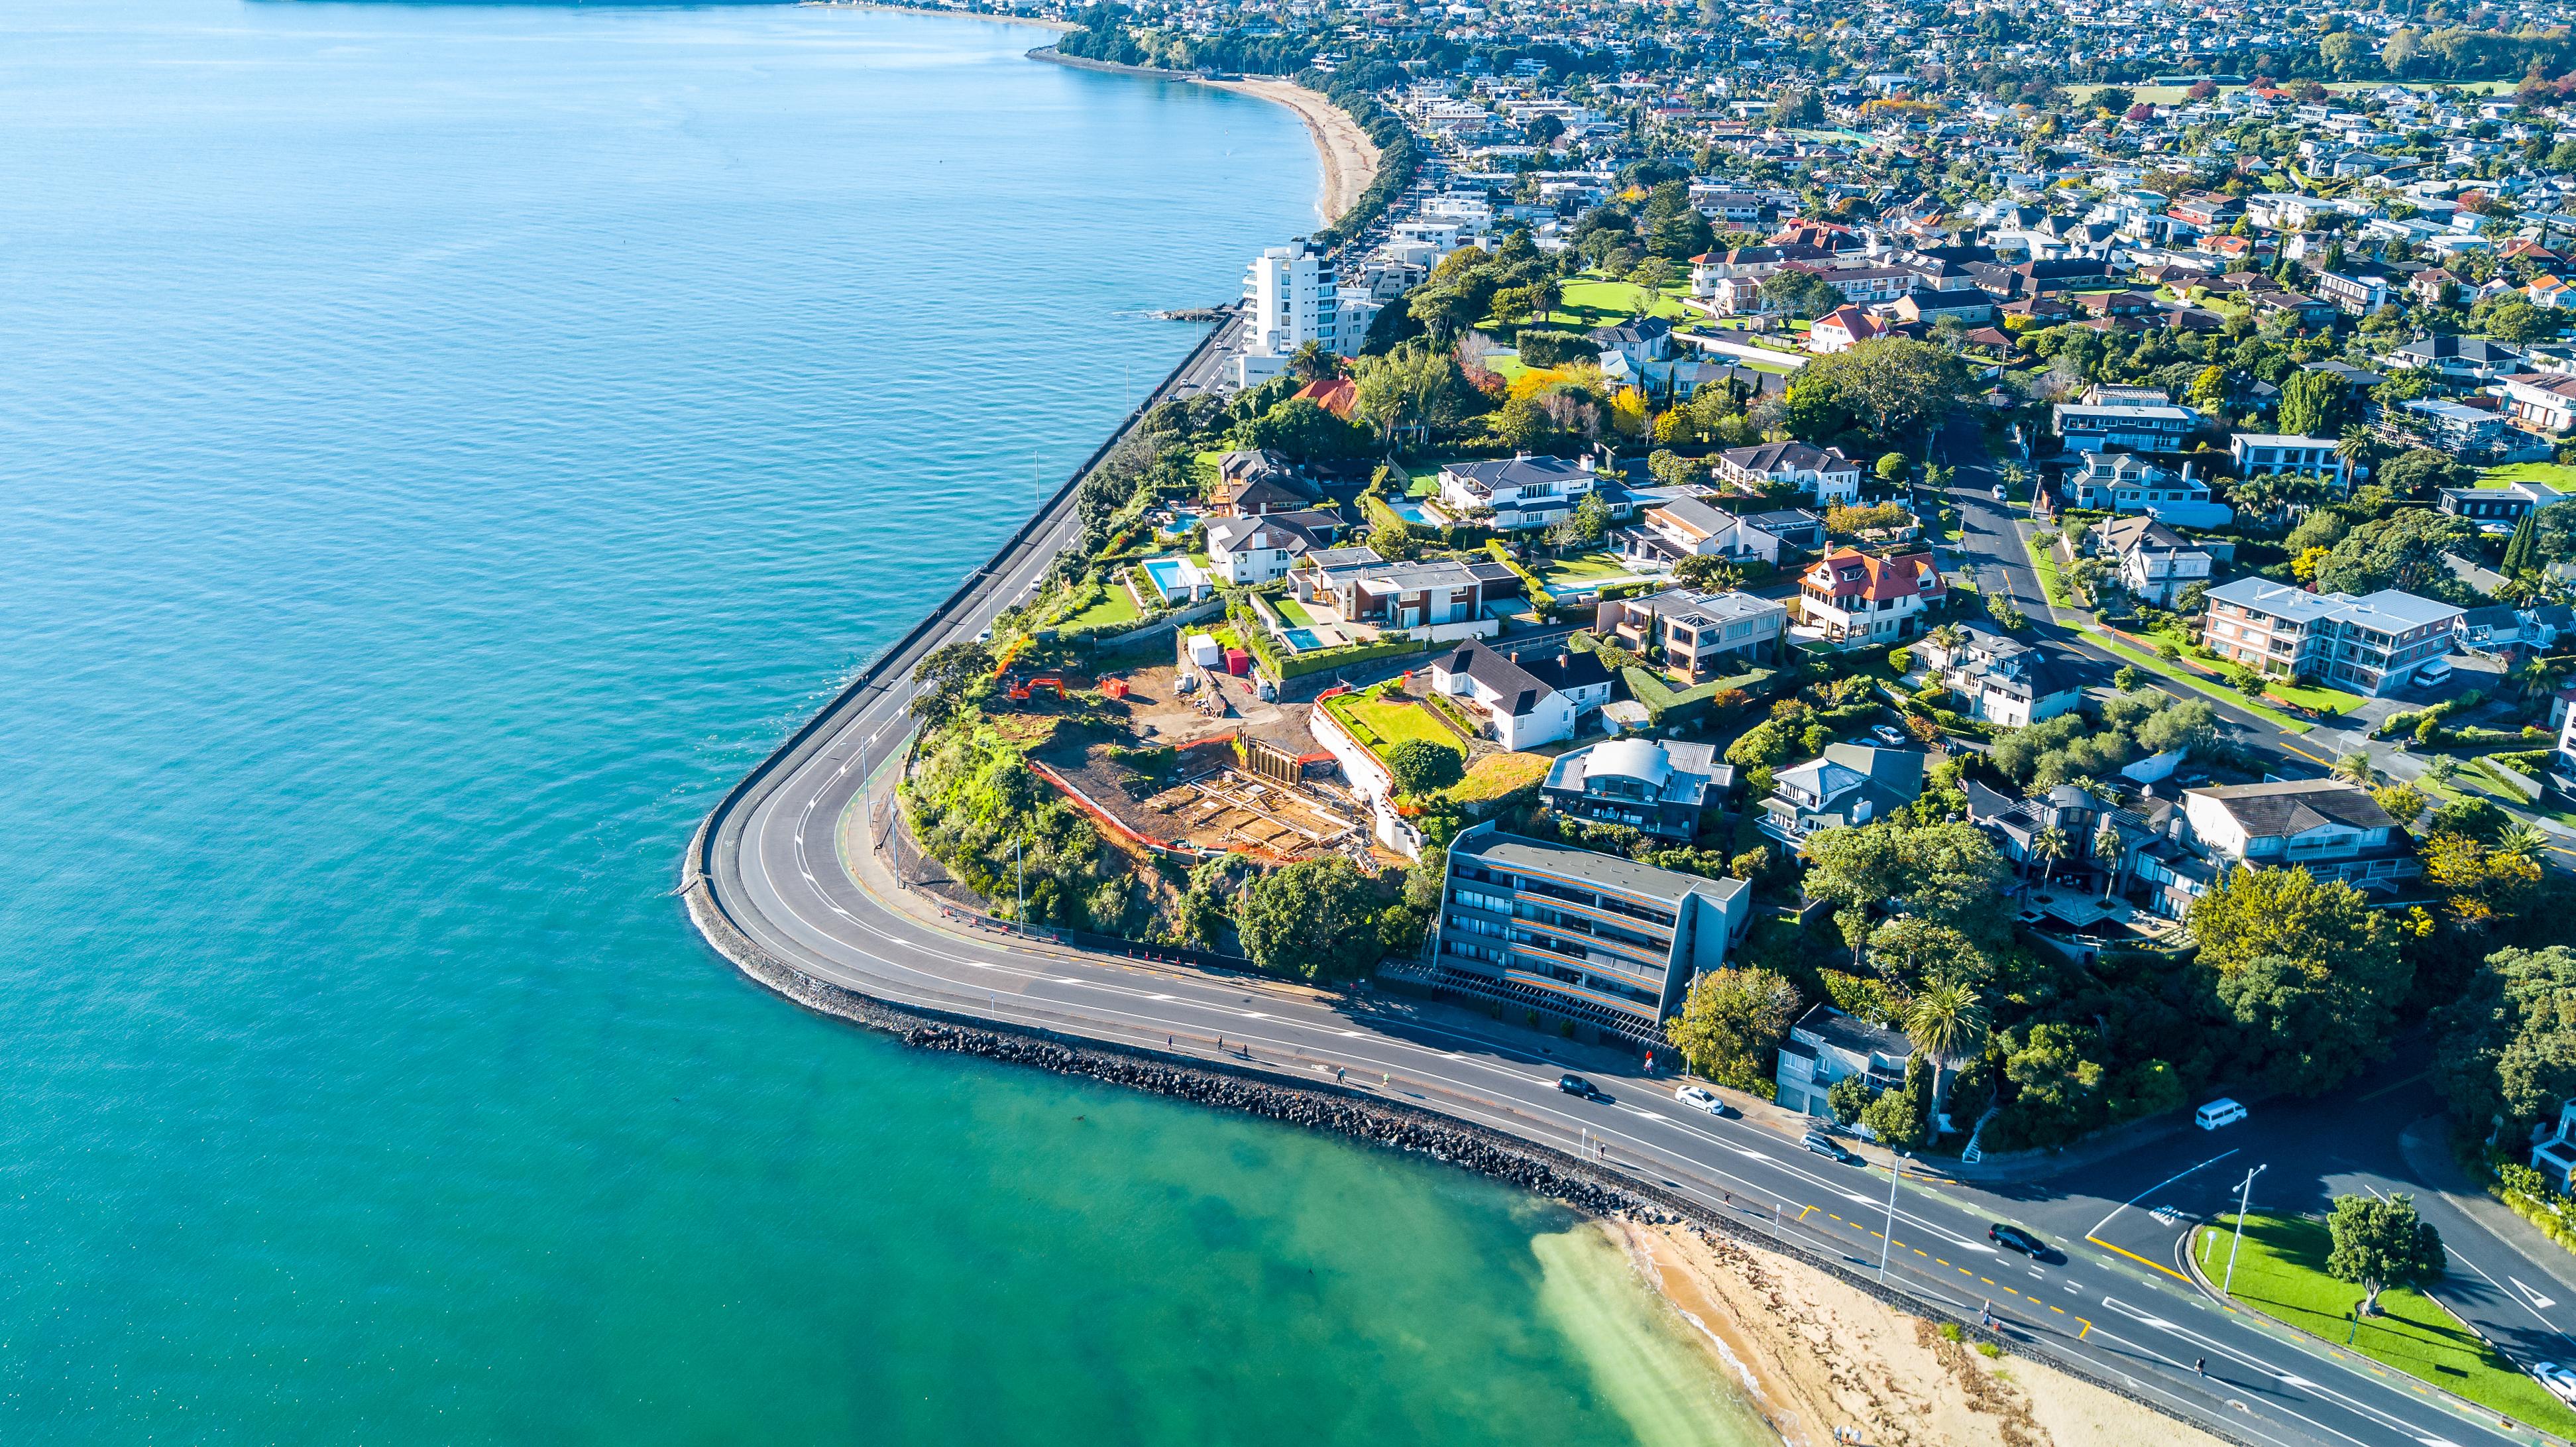 Por mucho, la ciudad más grande de Nueva Zelanda, el puntaje general de Auckland bajó de 9.0 a 8.6 en 2020 (Shutterstock)